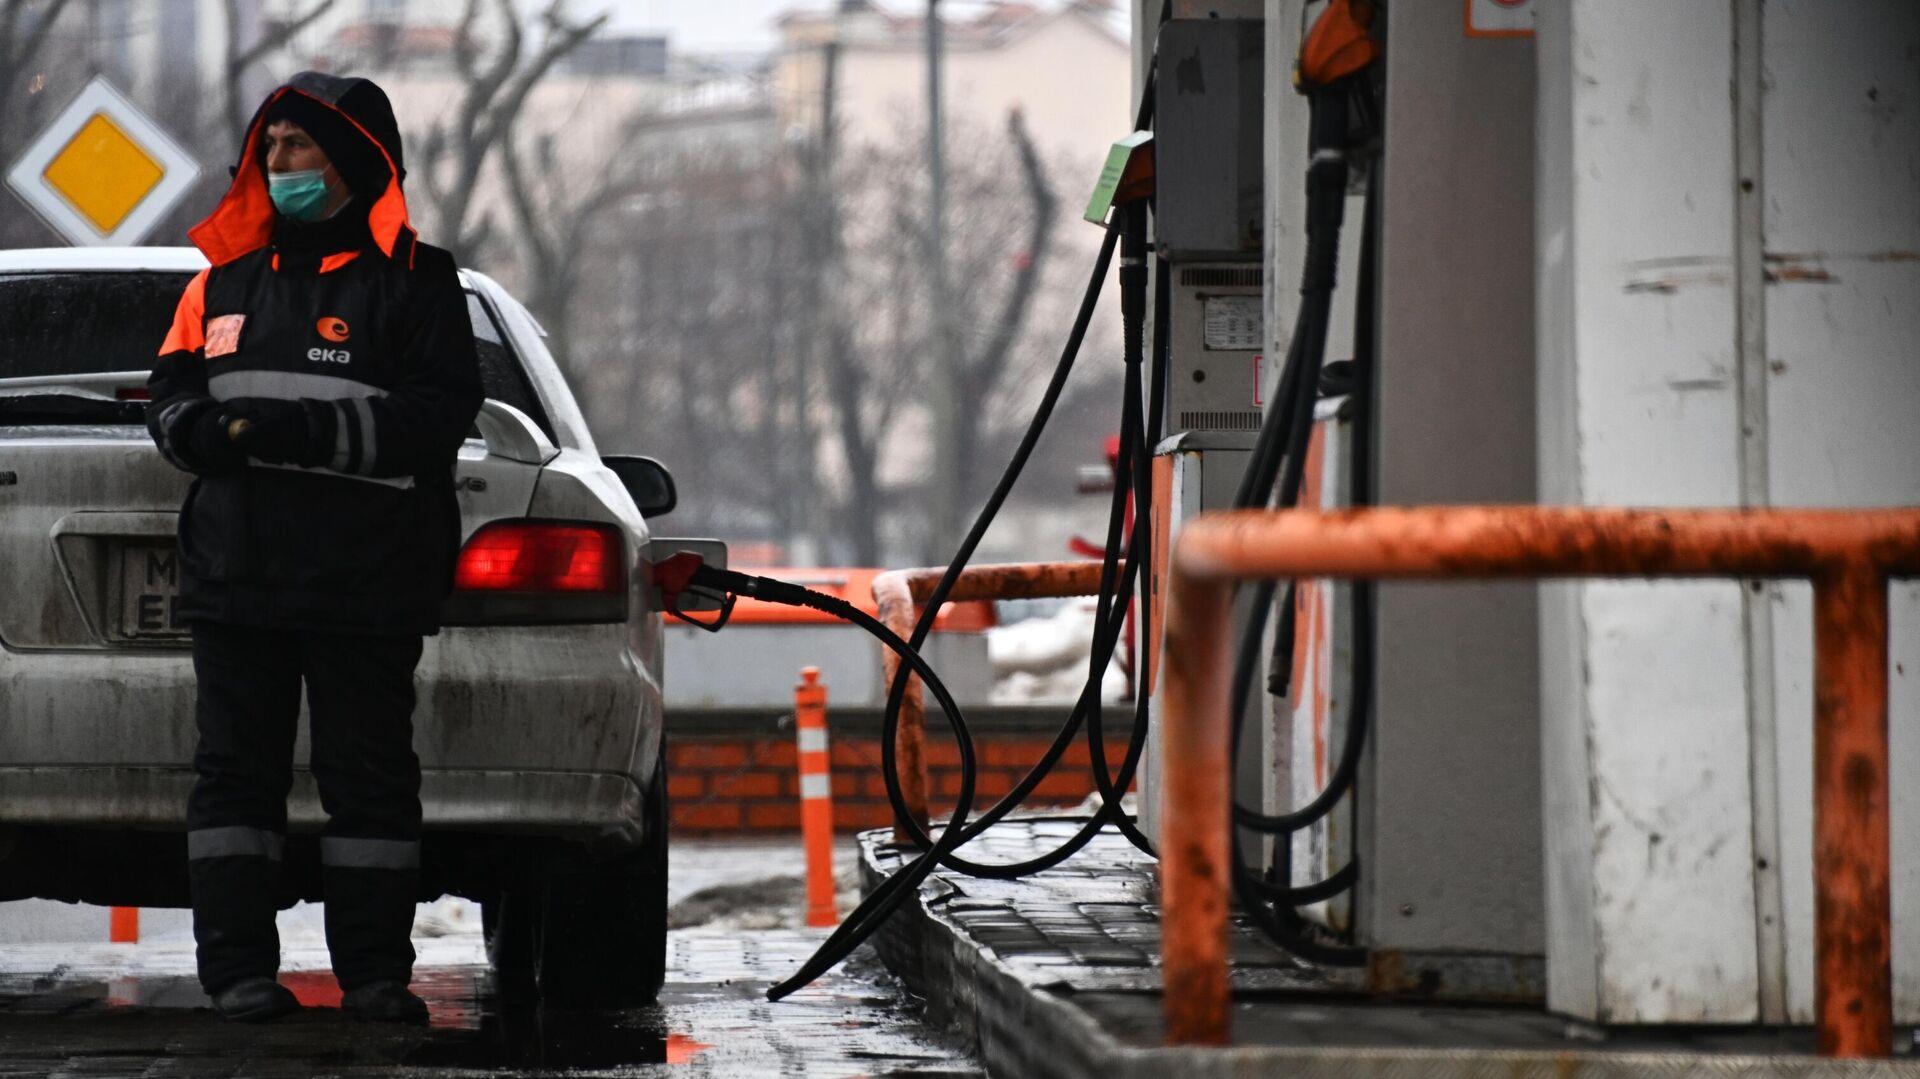 Минэнерго выступило против отмены топливного демпфера